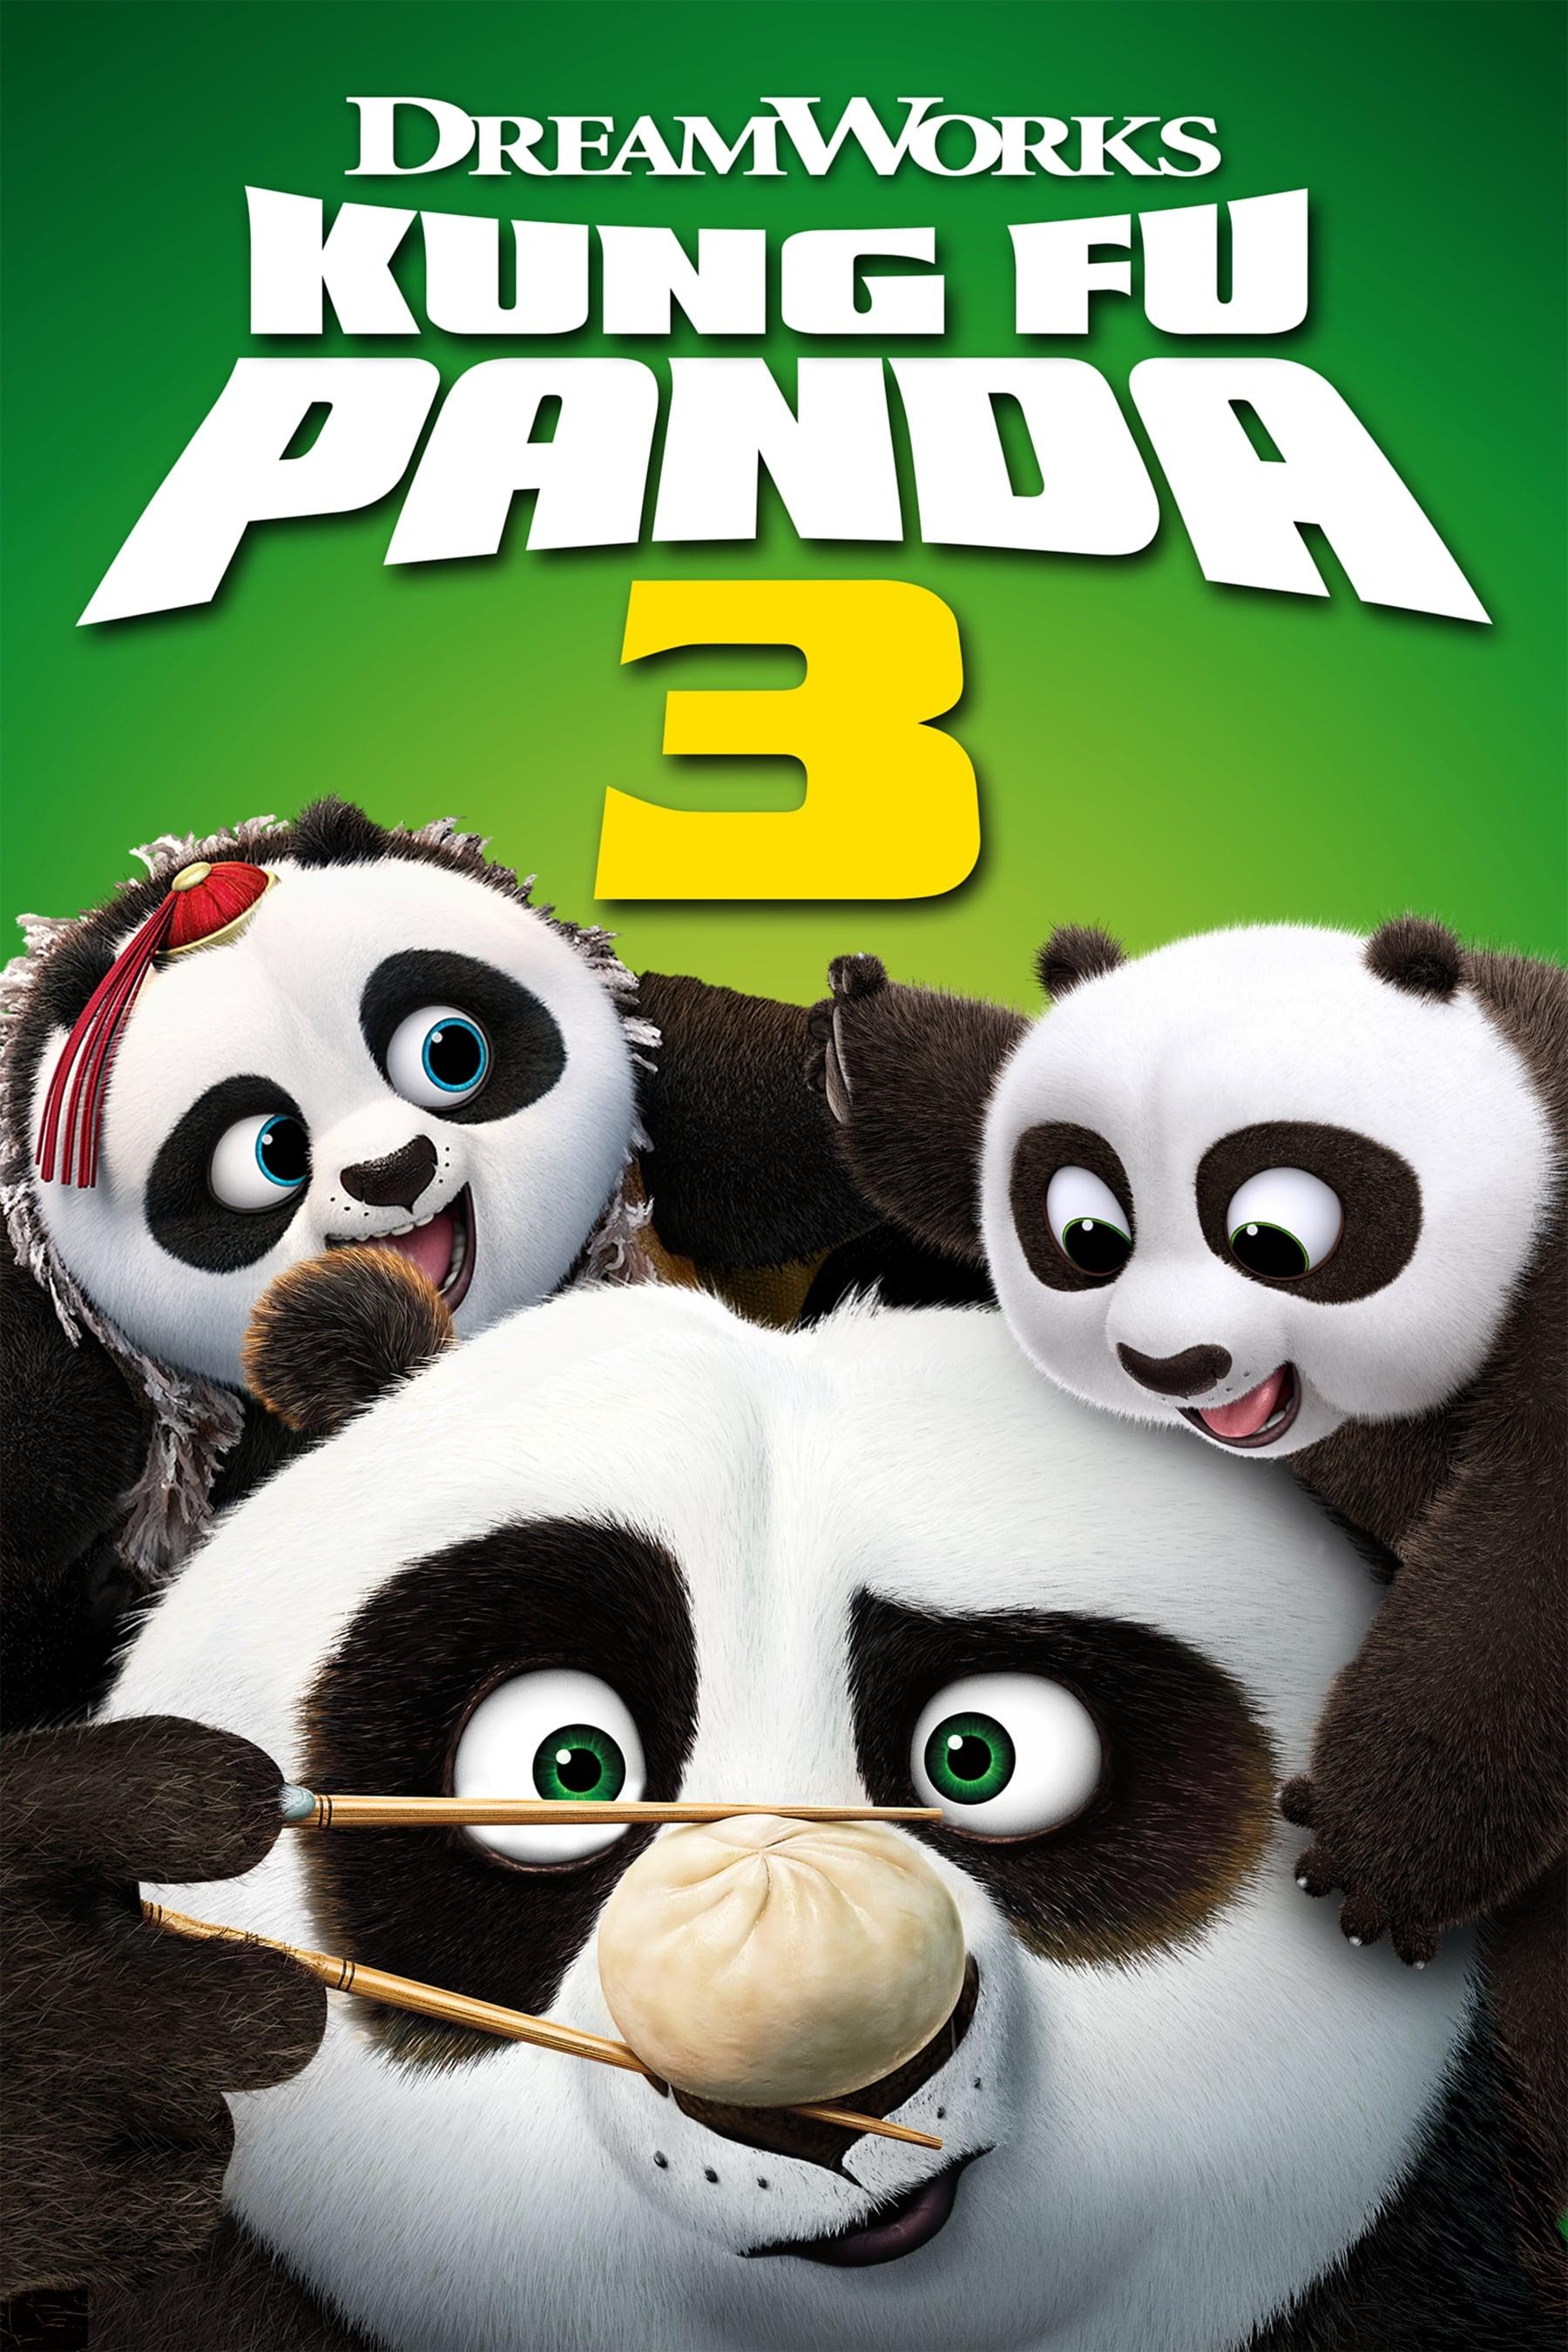 Assistir Kung Fu Panda 3 Legendado Online Legendado 1080p